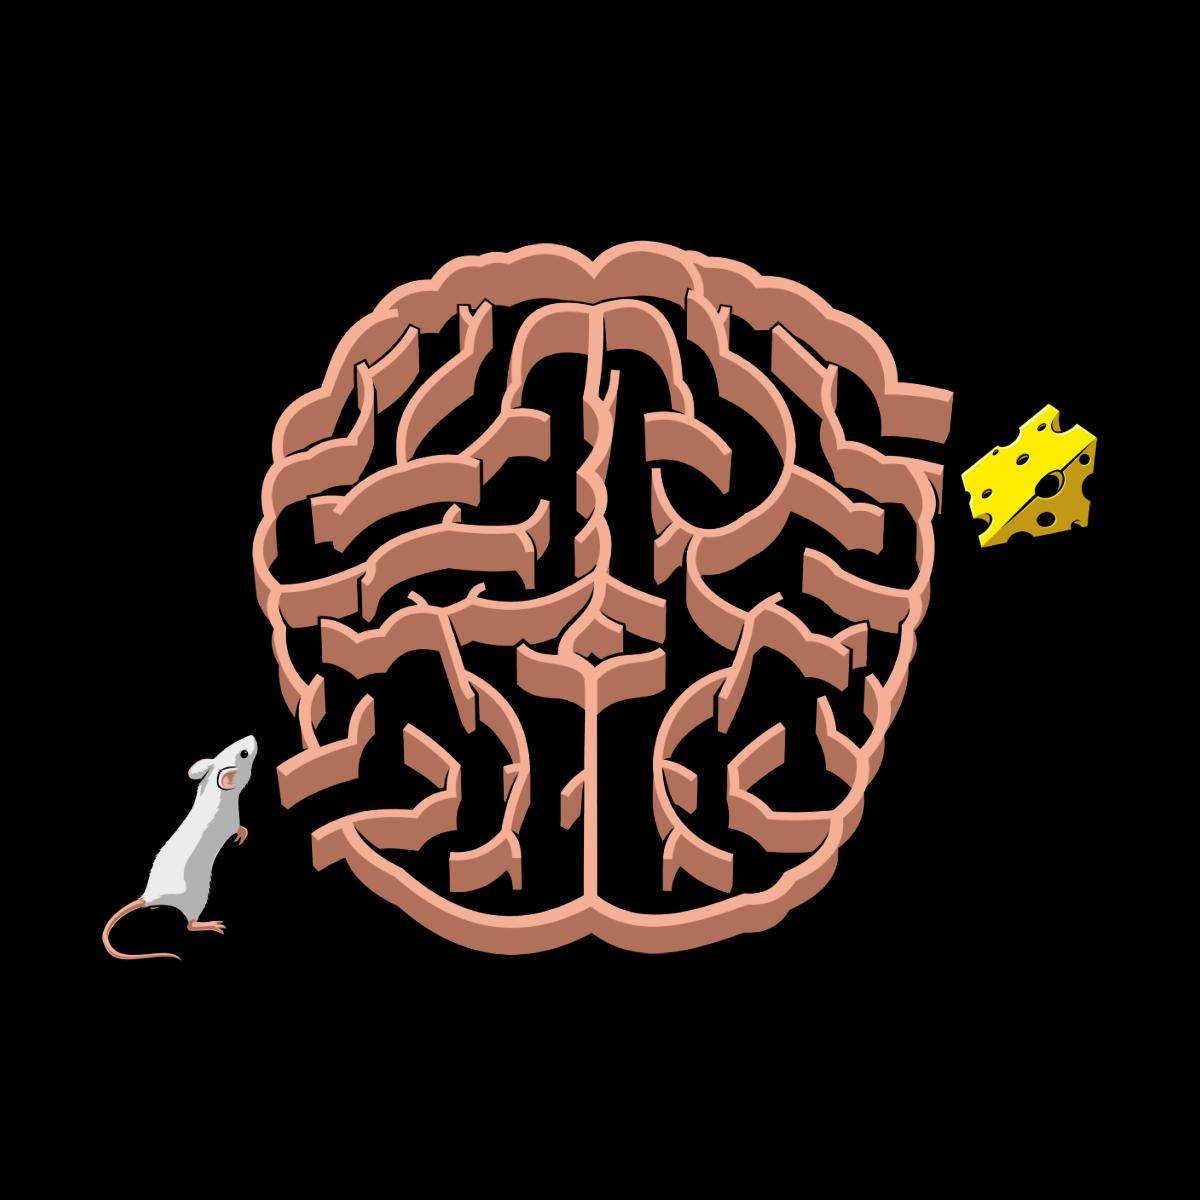 коснулась своим картинки мозг лабиринте того, как